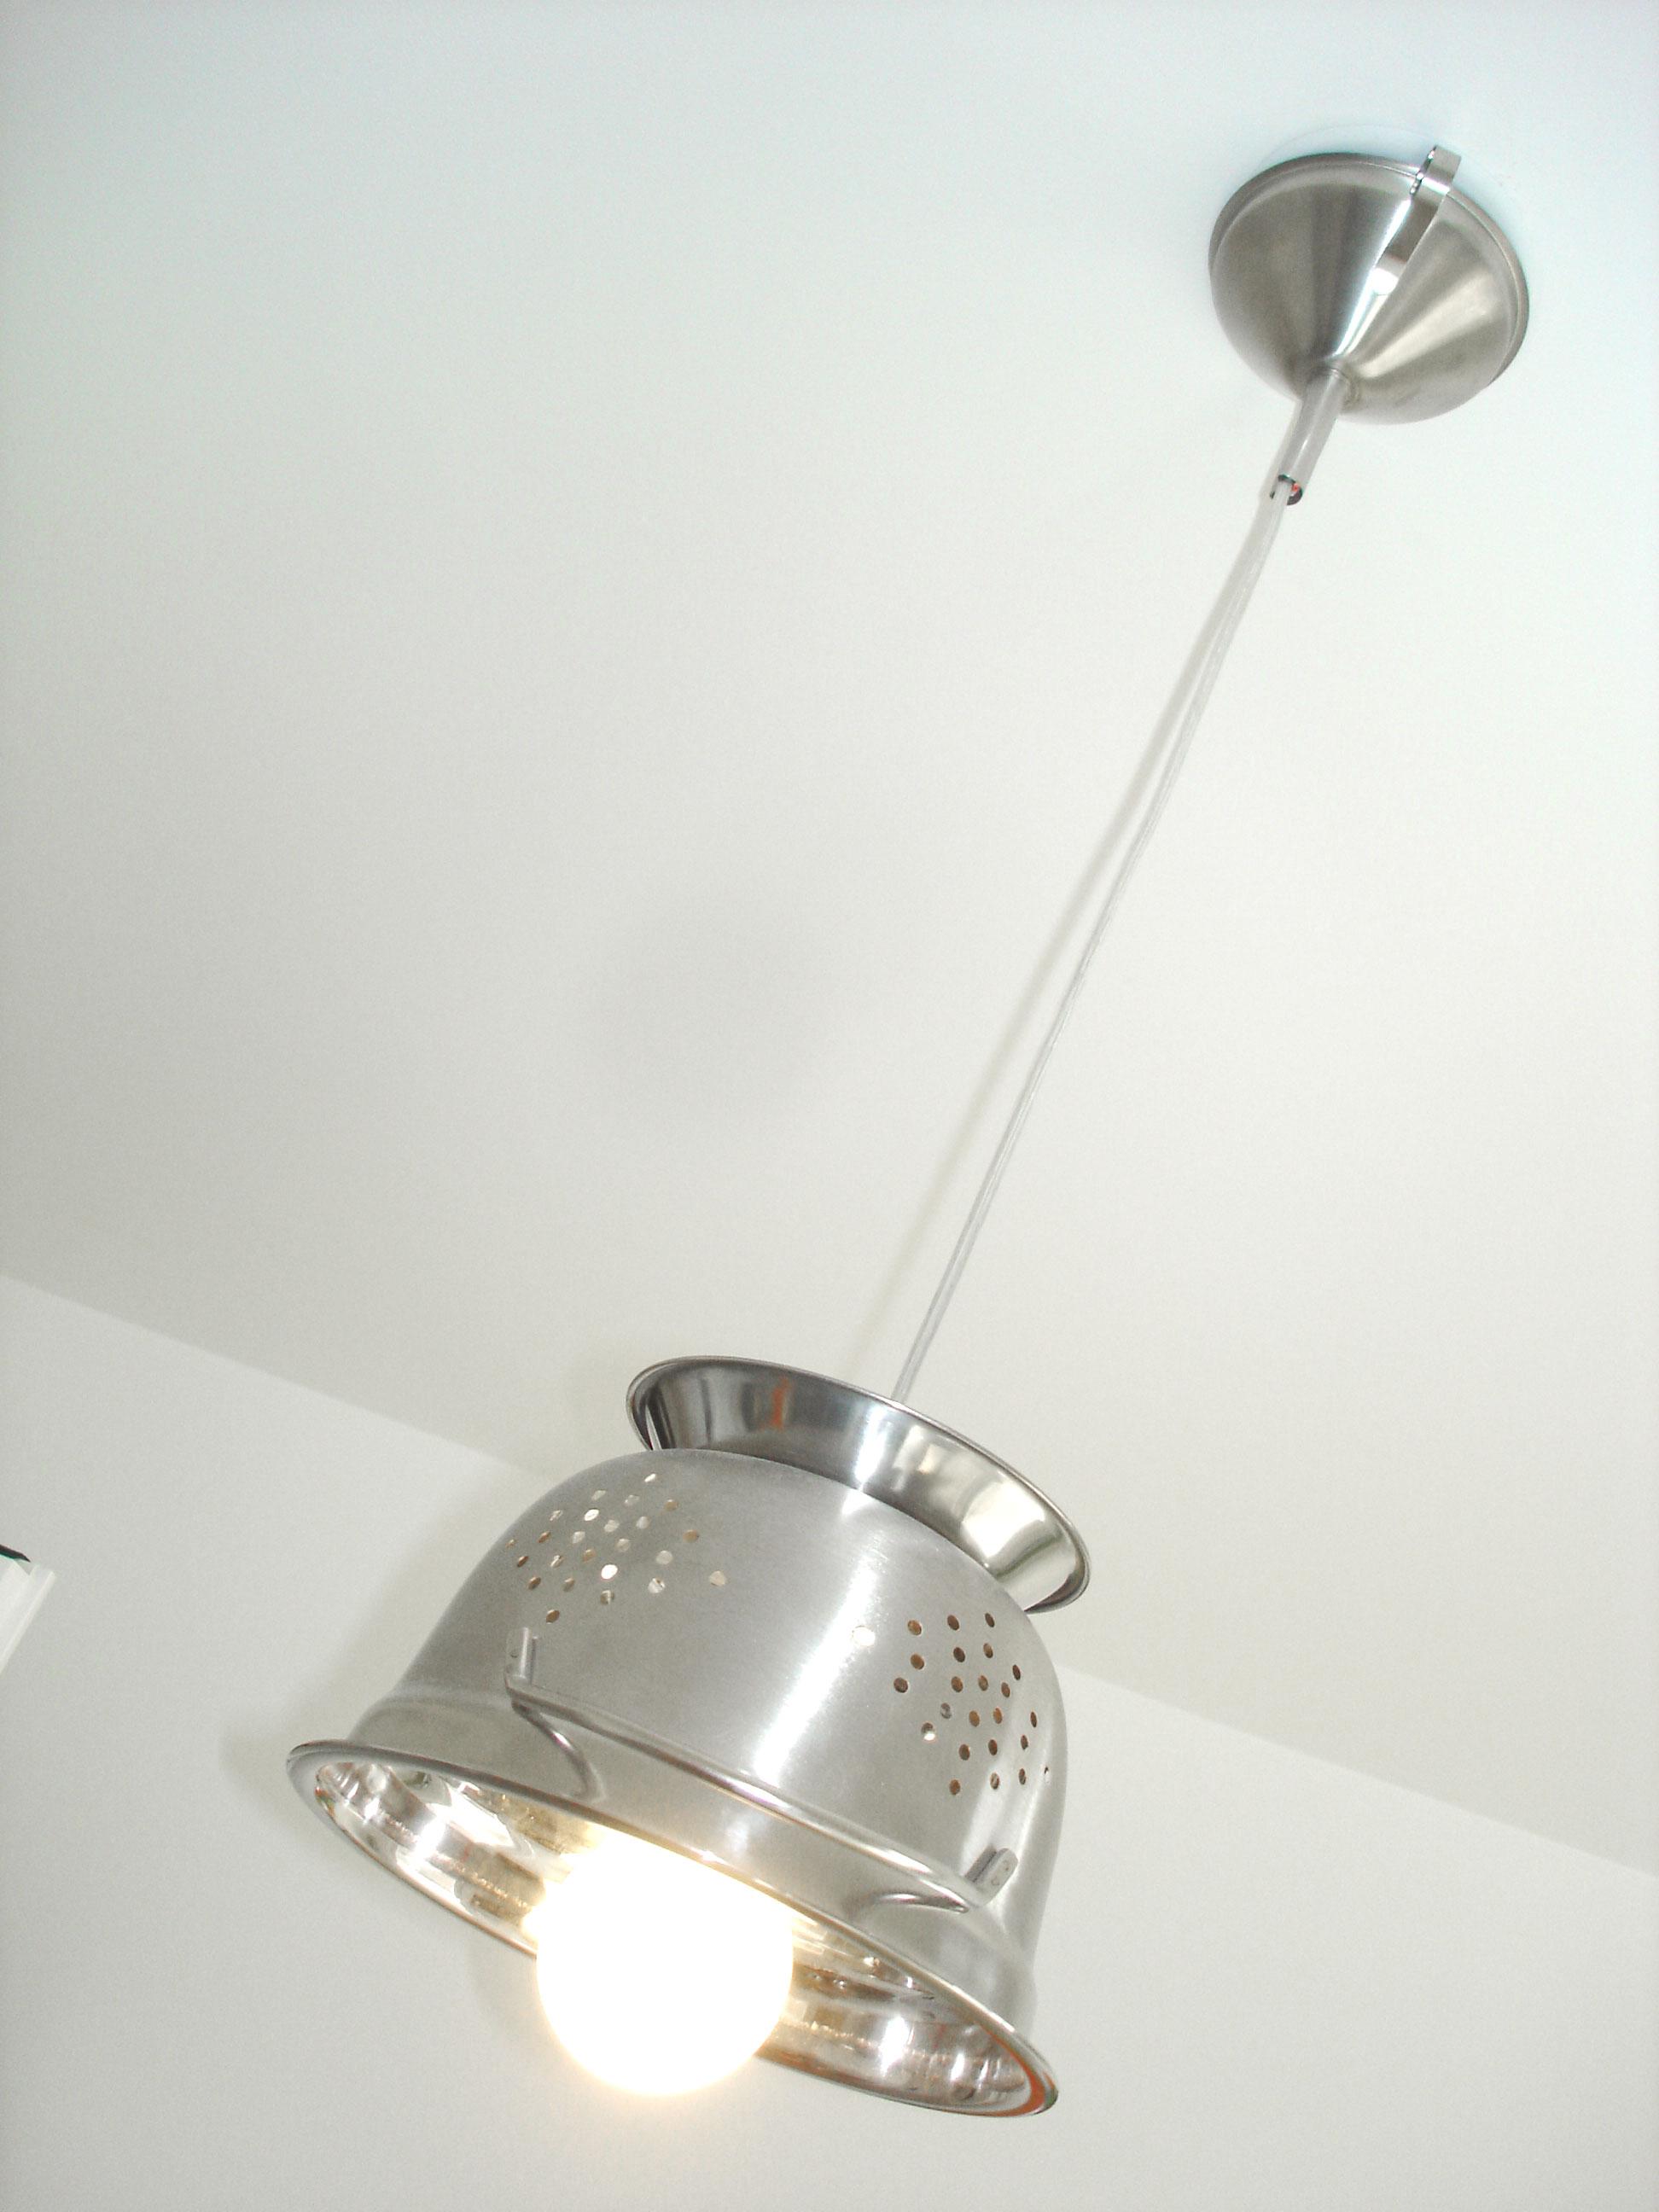 lampe passoire d co cuisine design et tendance inox bross luminaires par dbdesign. Black Bedroom Furniture Sets. Home Design Ideas